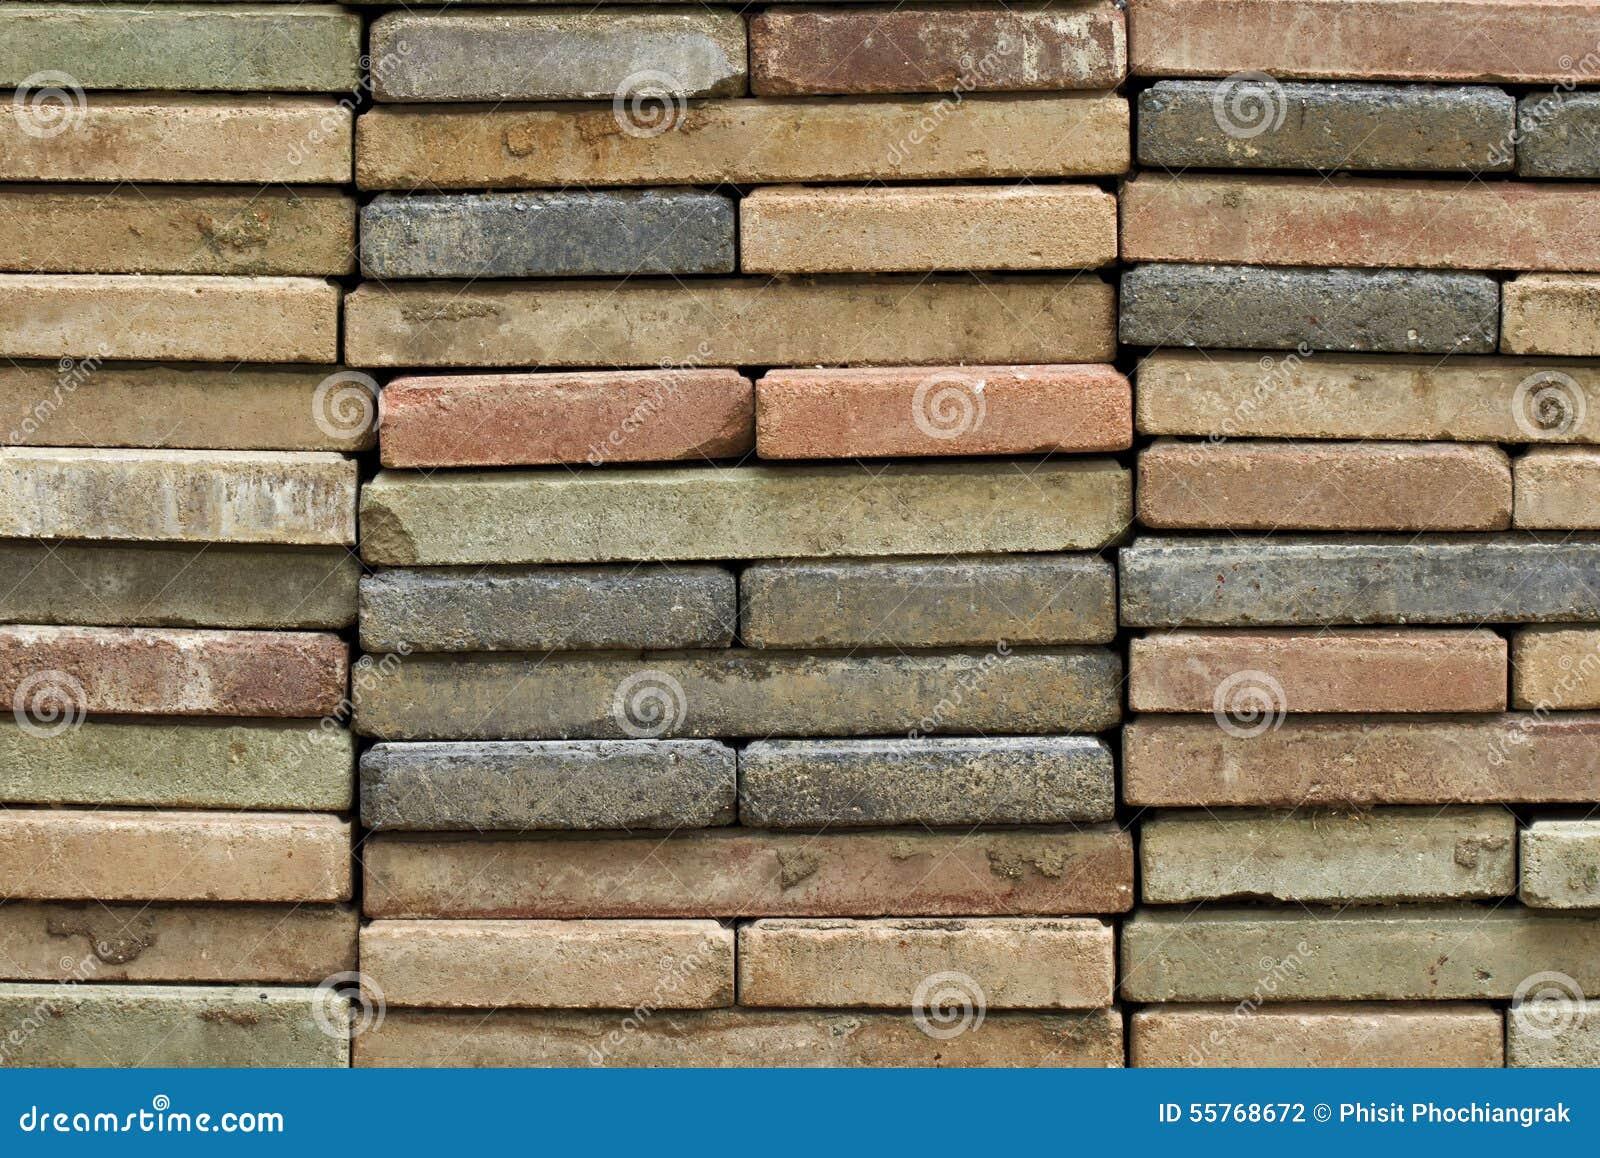 Fußboden Aus Ziegelsteinen ~ Gestapelt vom alten ziegelstein entsteint boden stockfoto bild von